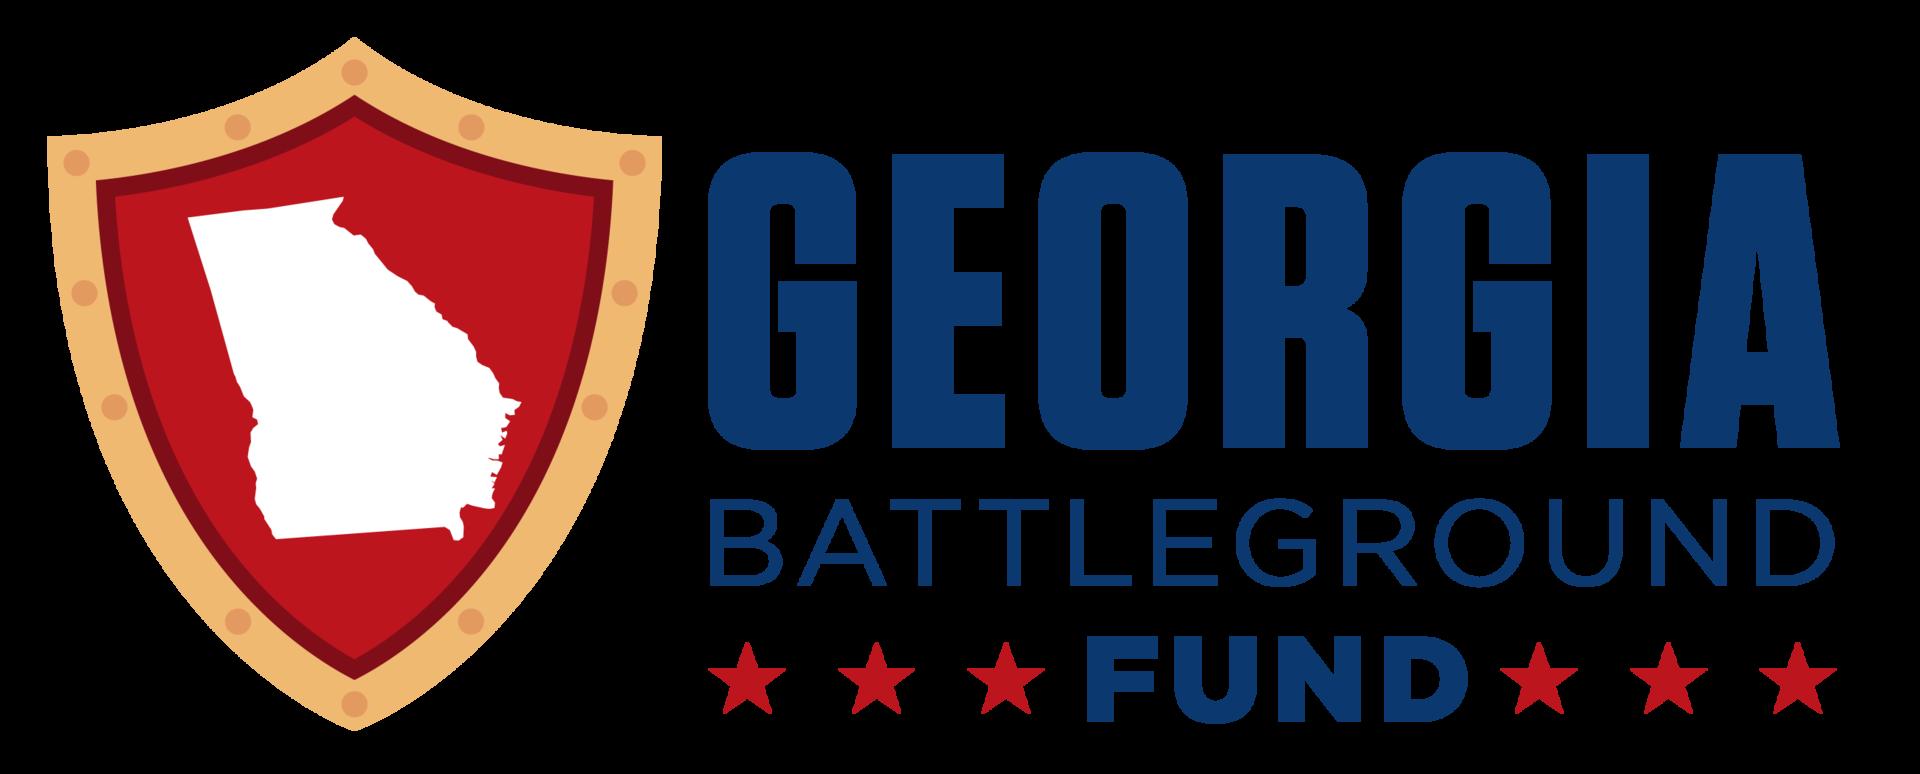 Ga battleground fund logo v2 %281%29